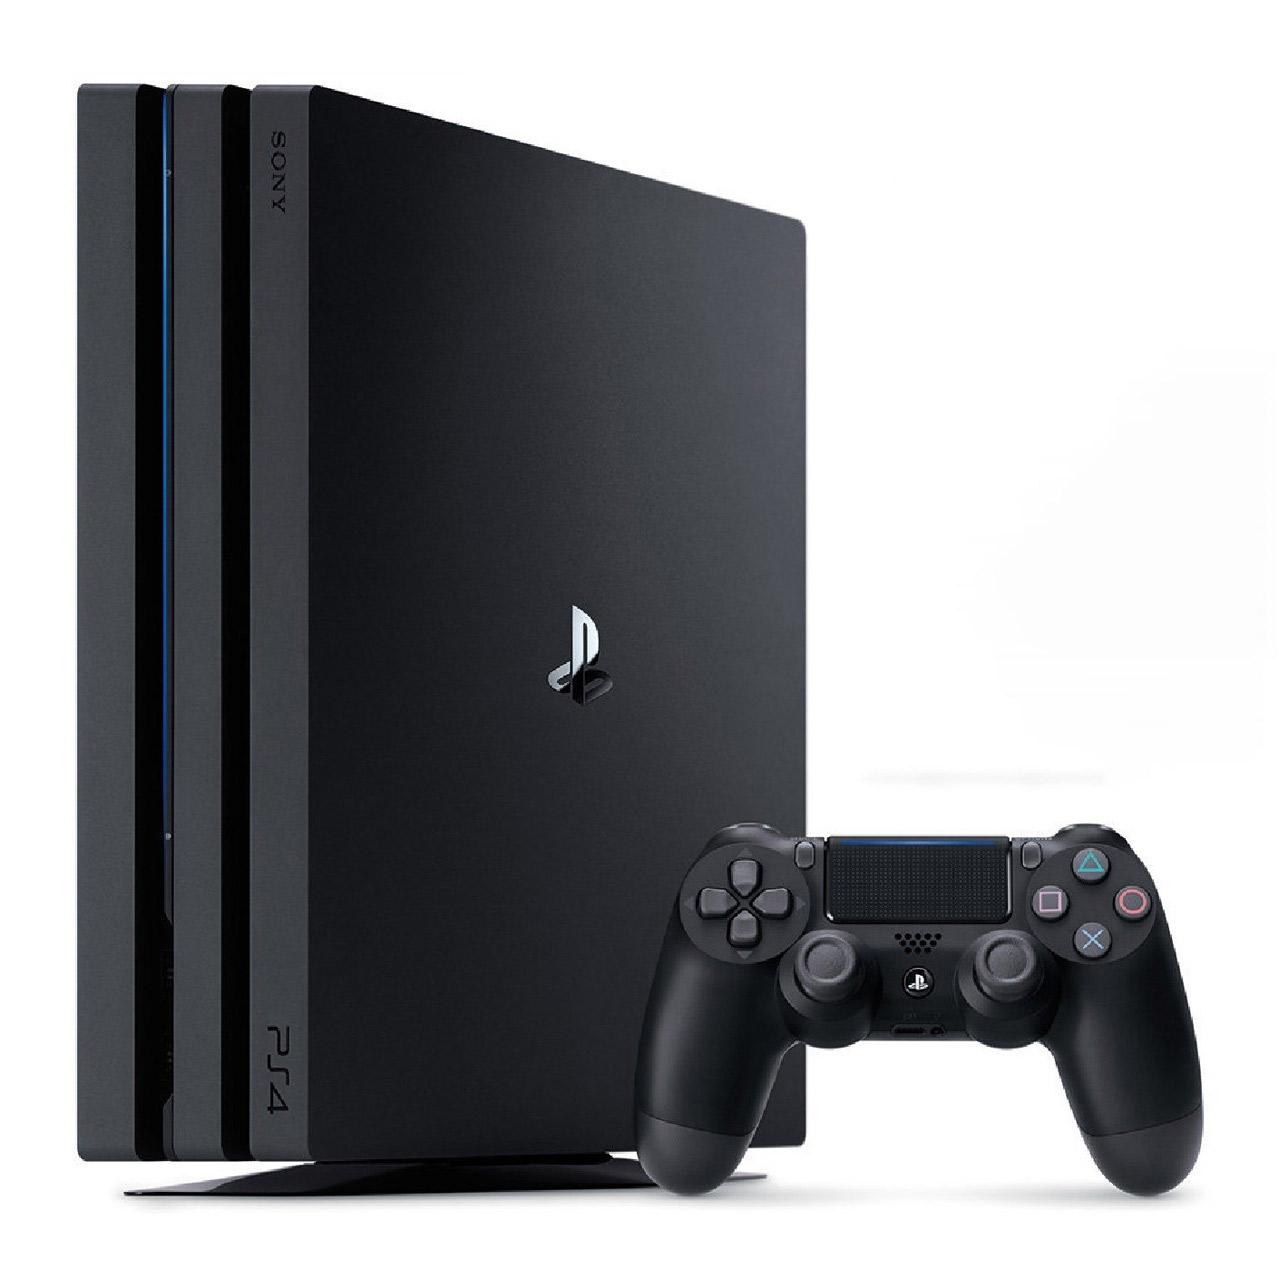 فروش اقساطی کنسول بازي سوني مدل Playstation 4 Pro کد CUH-7116B Region 2 - ظرفيت 1 ترابايت